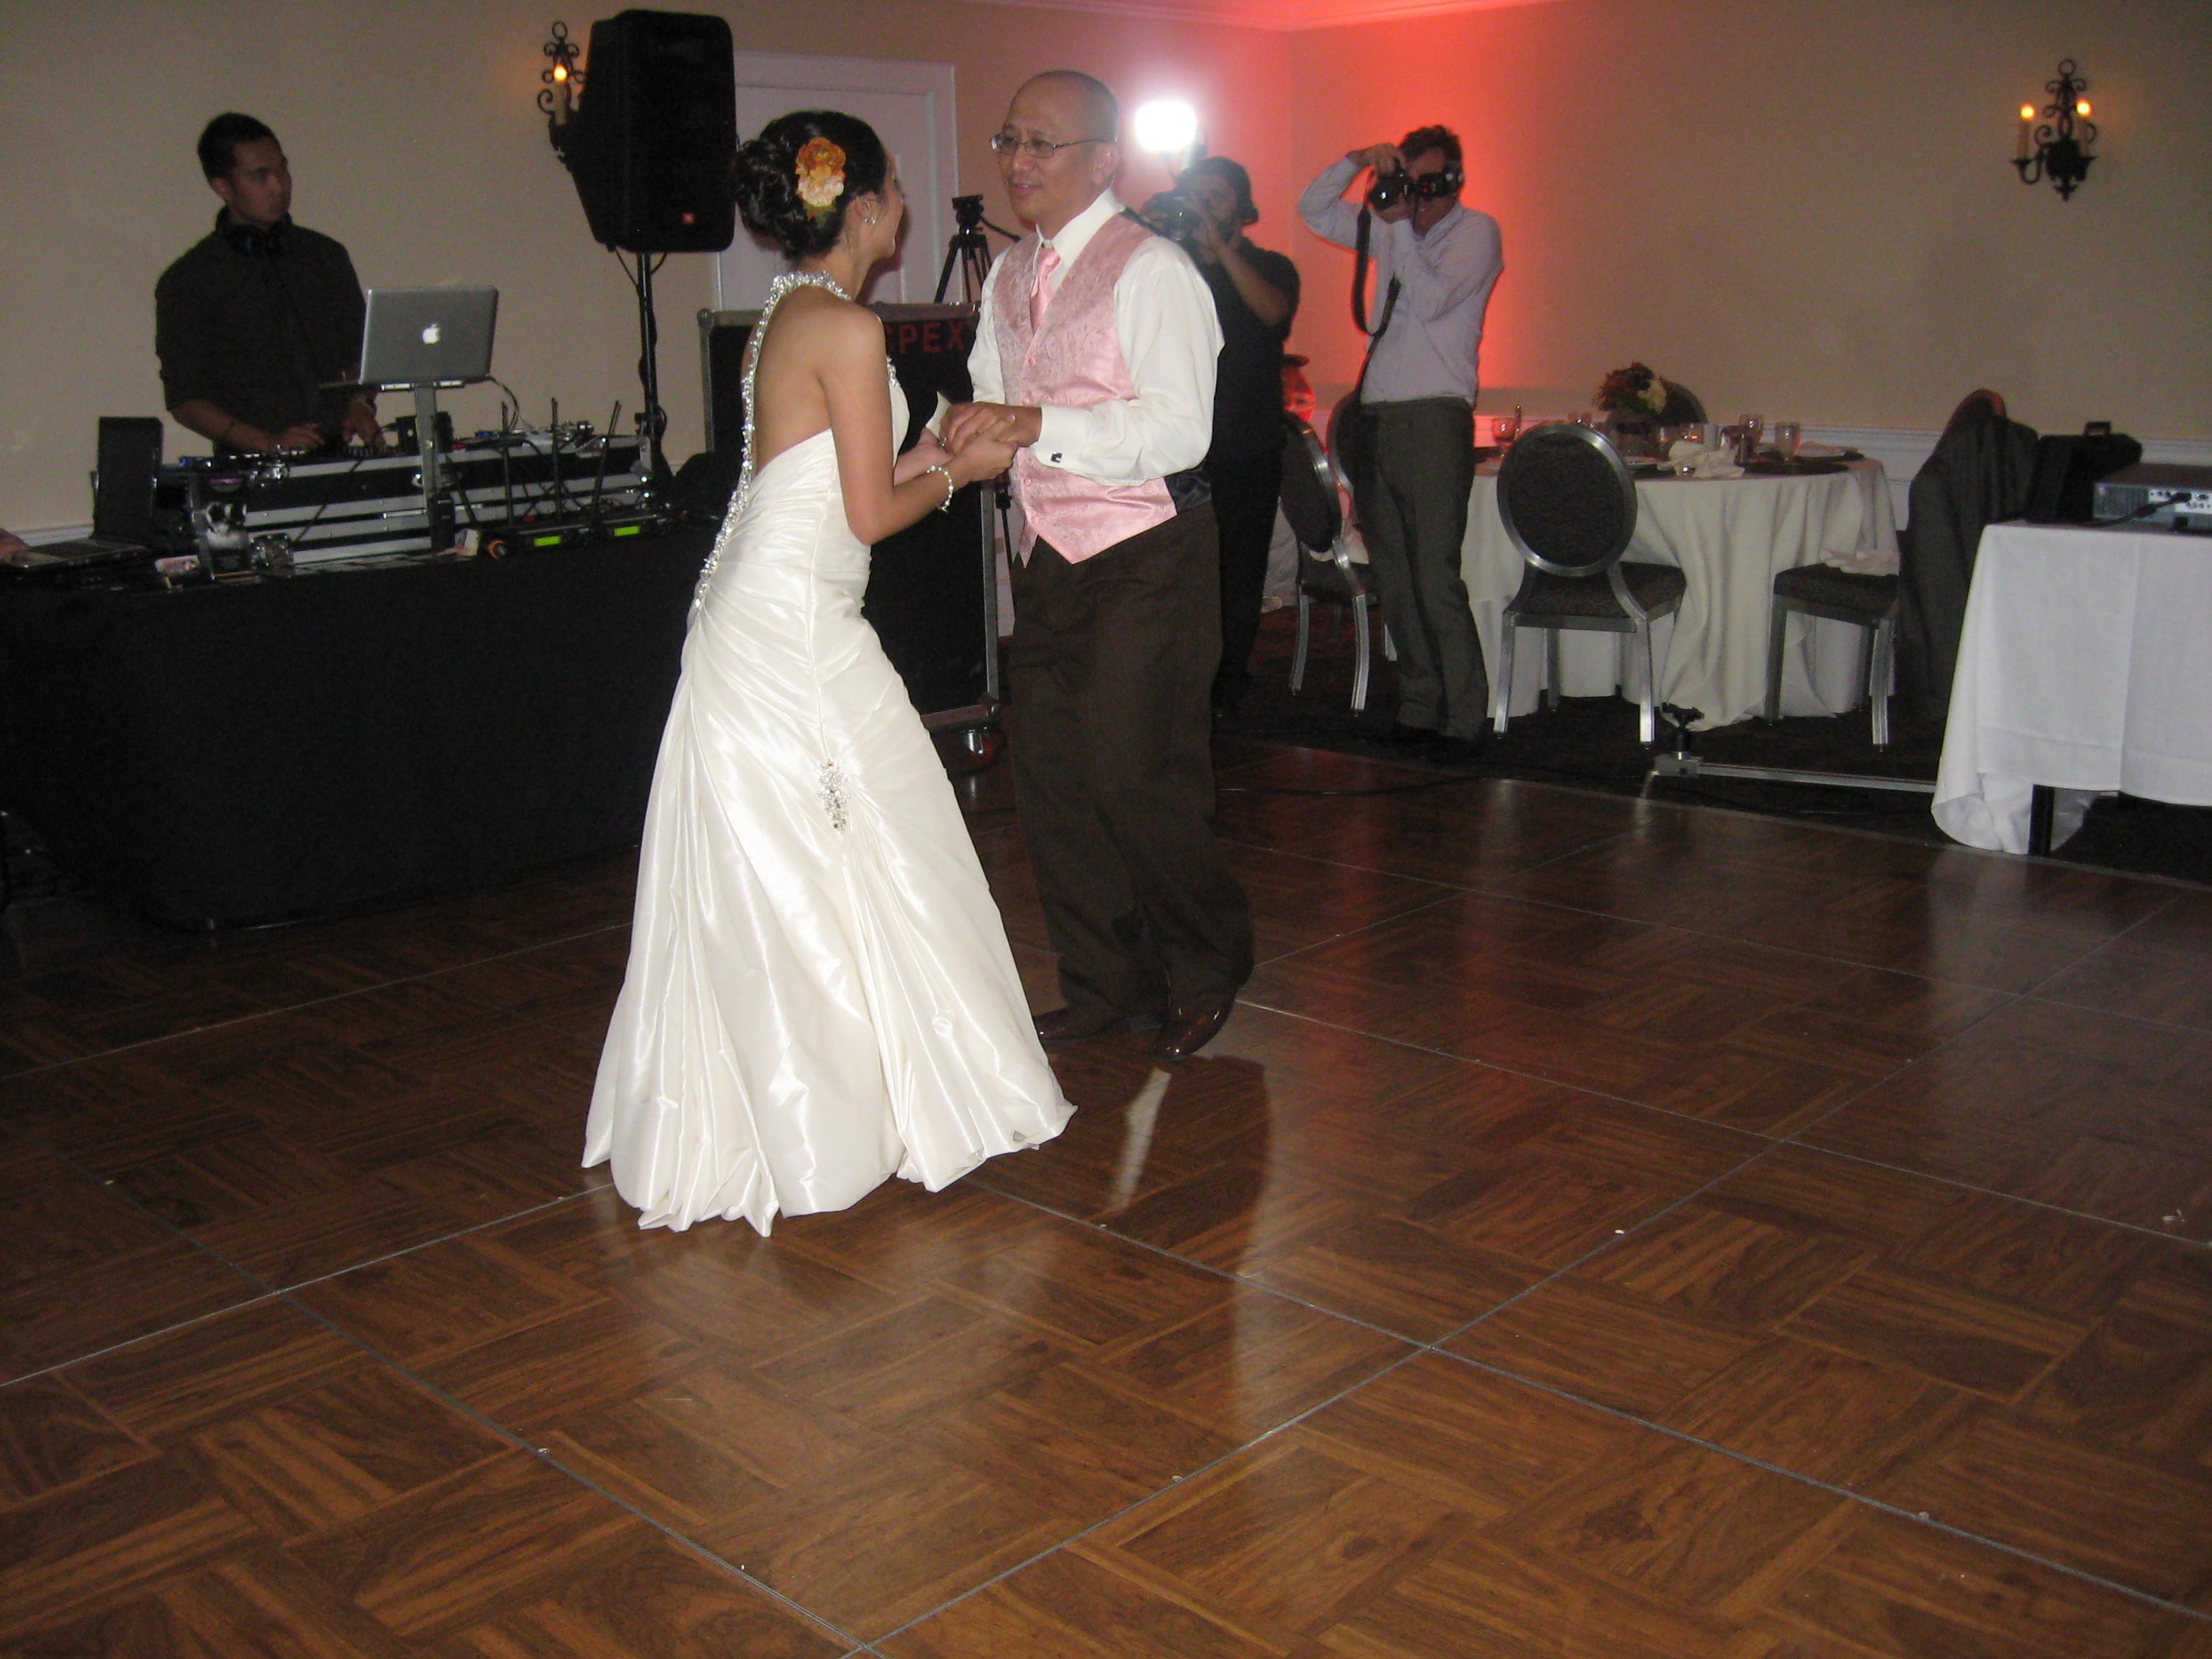 Reception, Flowers & Decor, Bustle, Billie, Sottero and midgley, Billie by sottero and midgley, Father and daughter dance